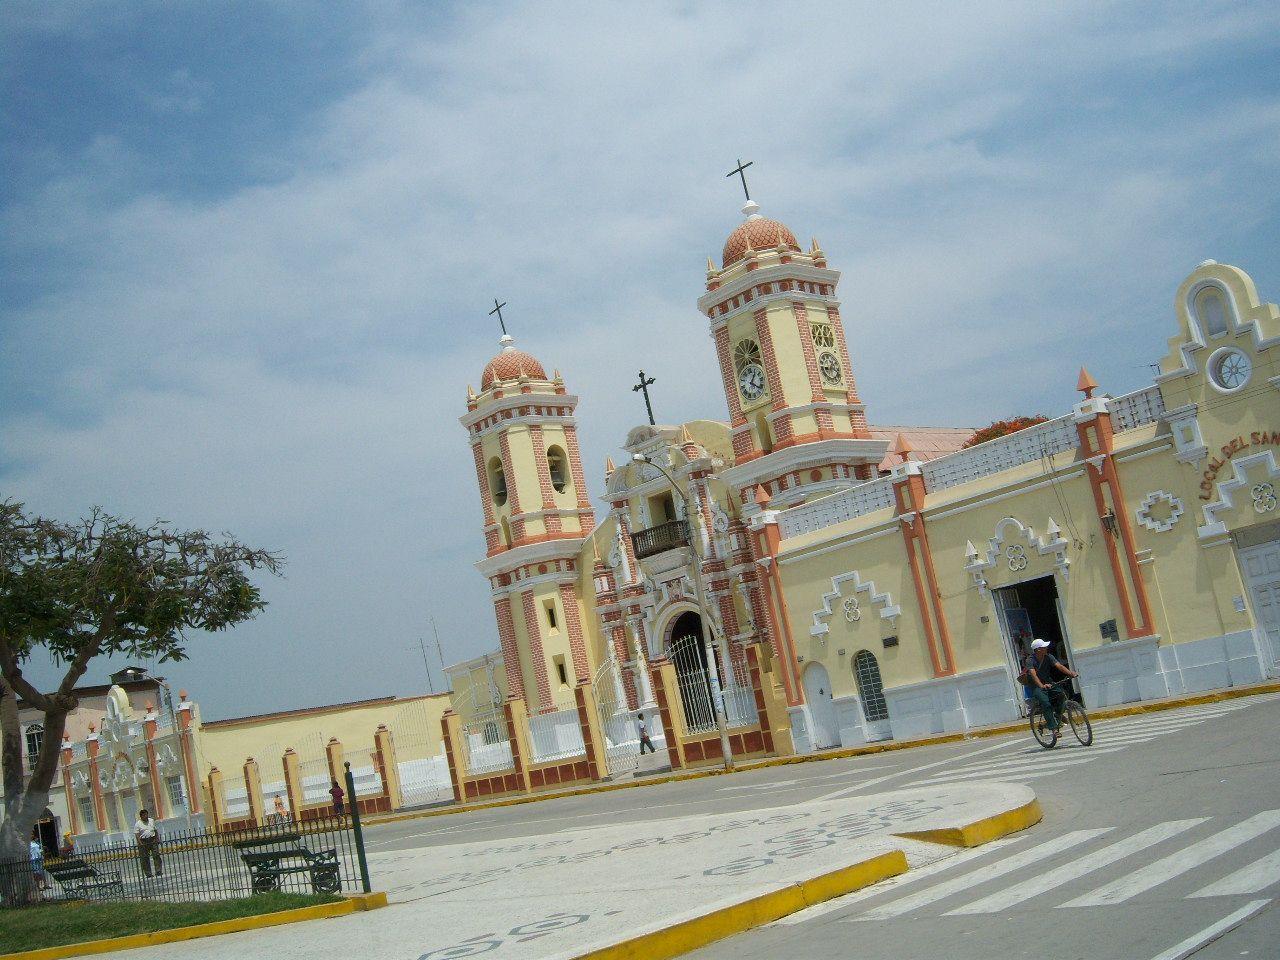 Plaza principal de Ferreñafe